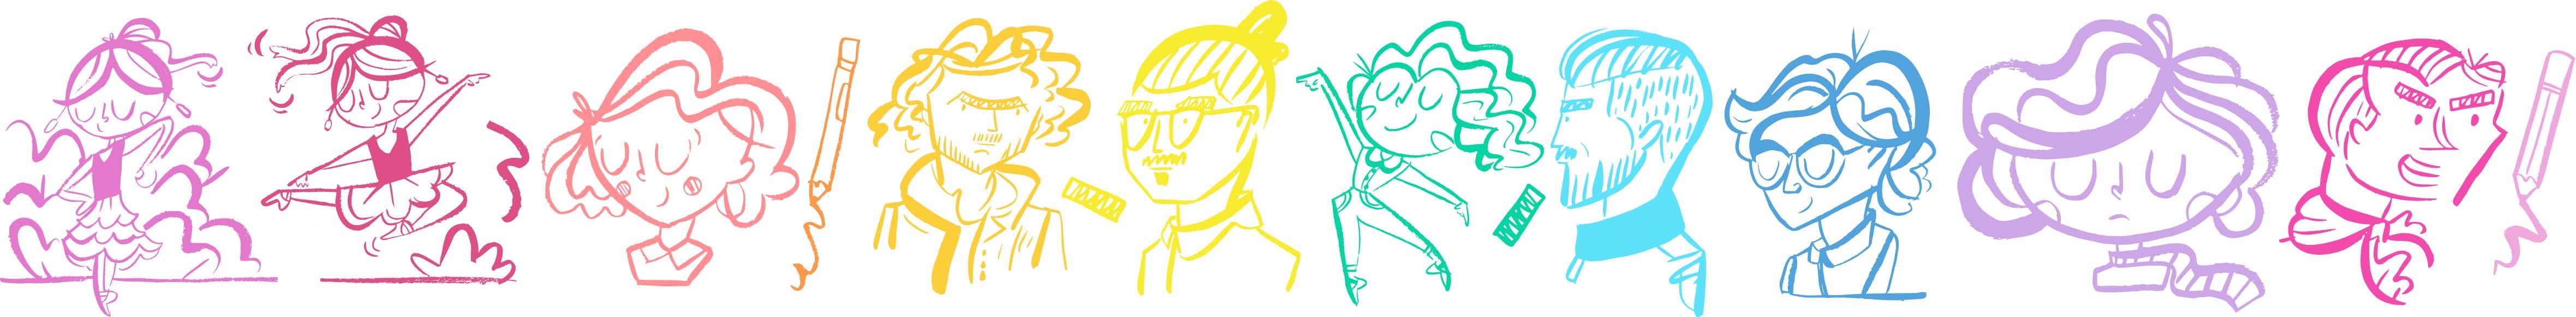 Googly Gooeys Doodles